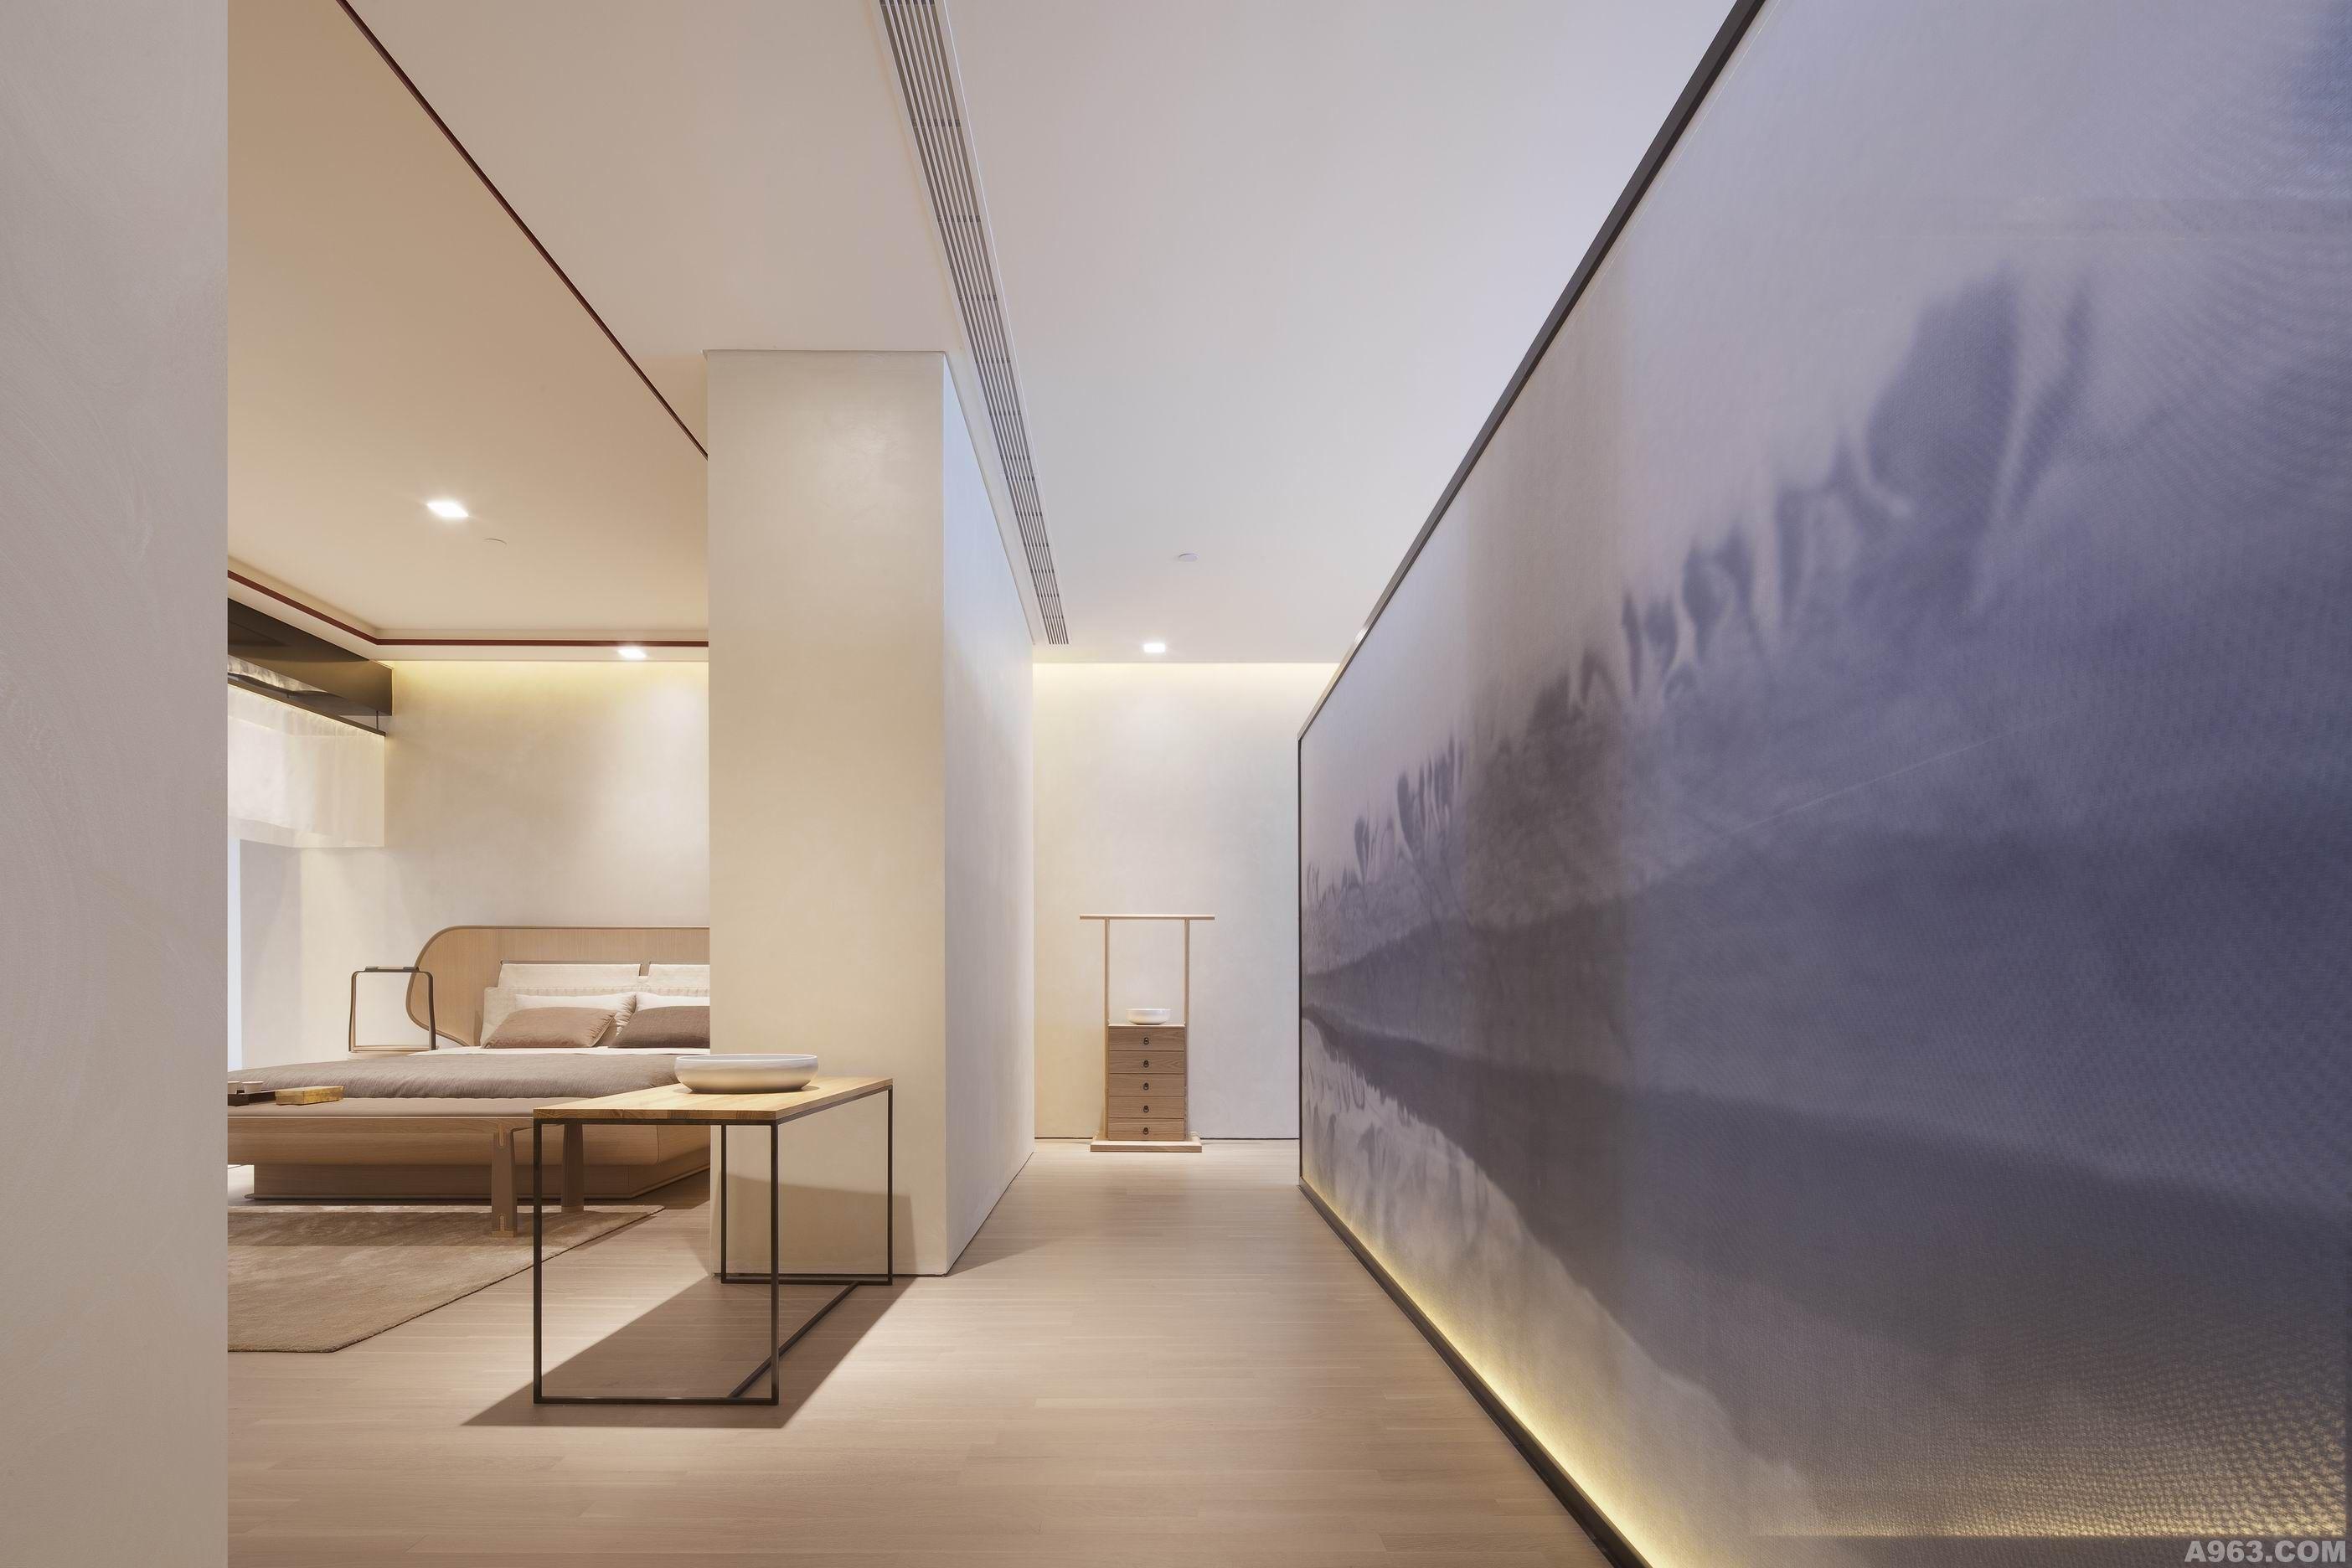 东方之家 - 展示空间 - 第4页 - 琚宾设计作品案例